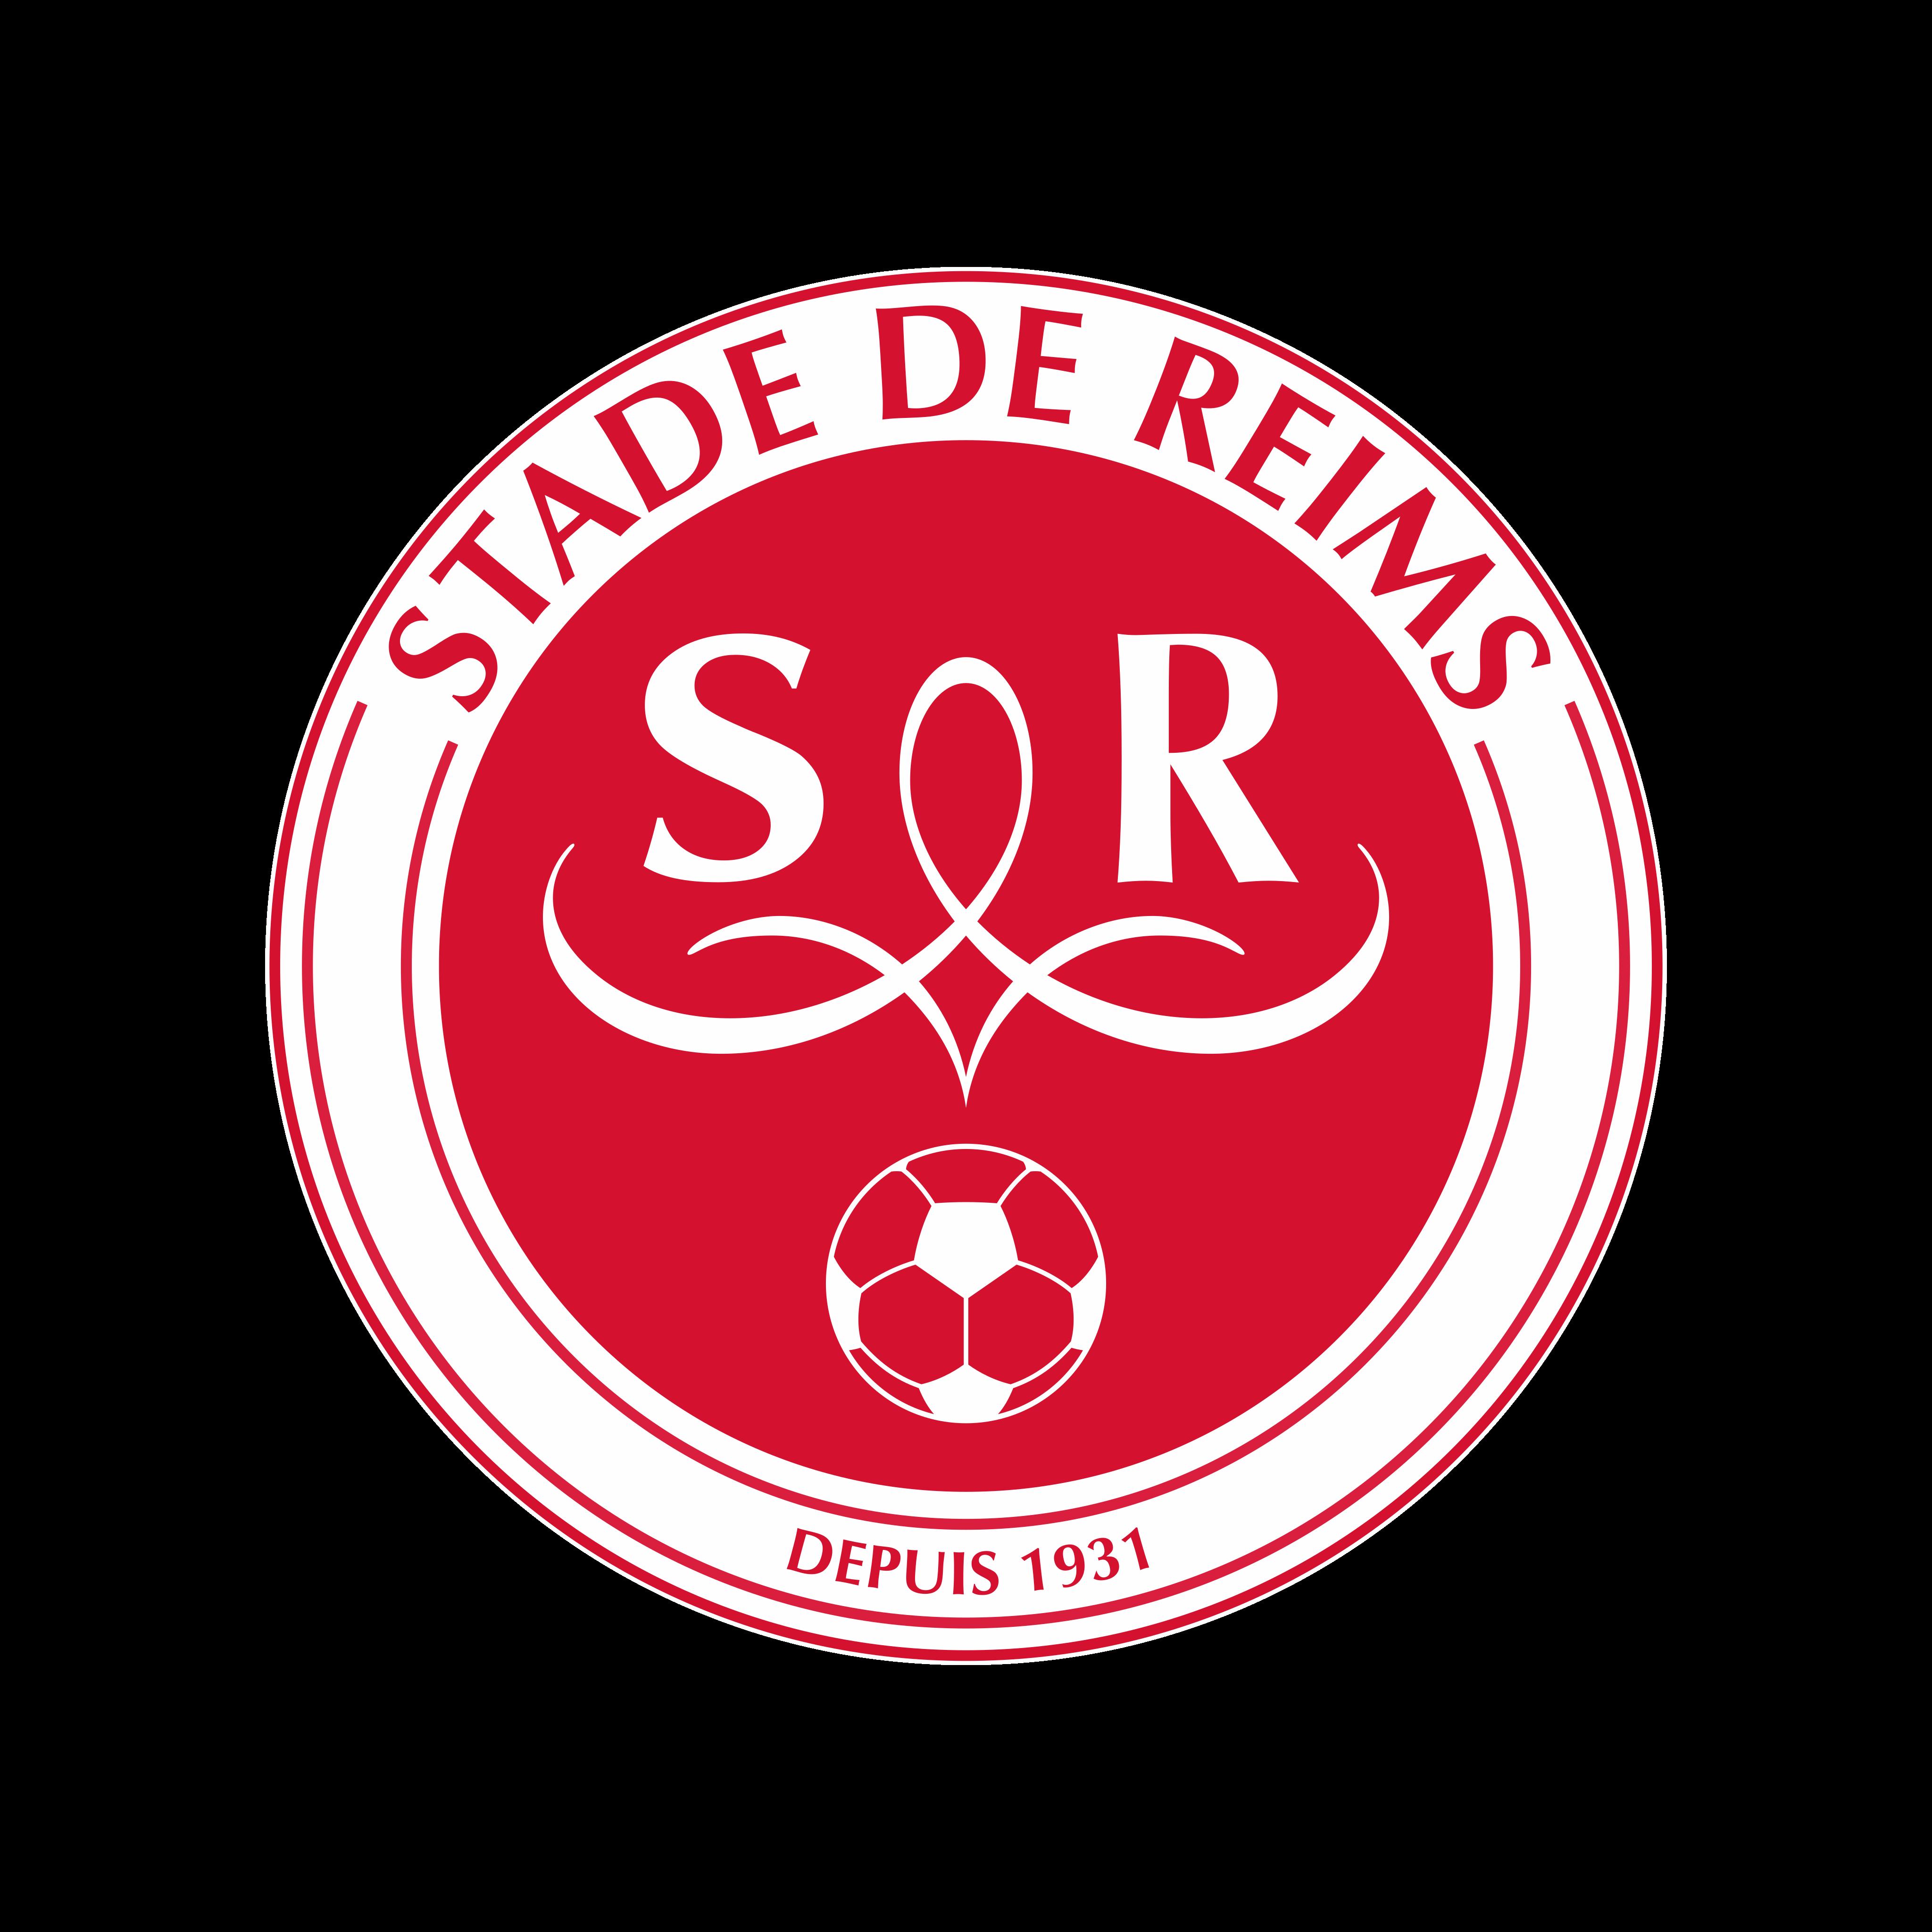 stade de reims logo 0 - Stade de Reims Logo